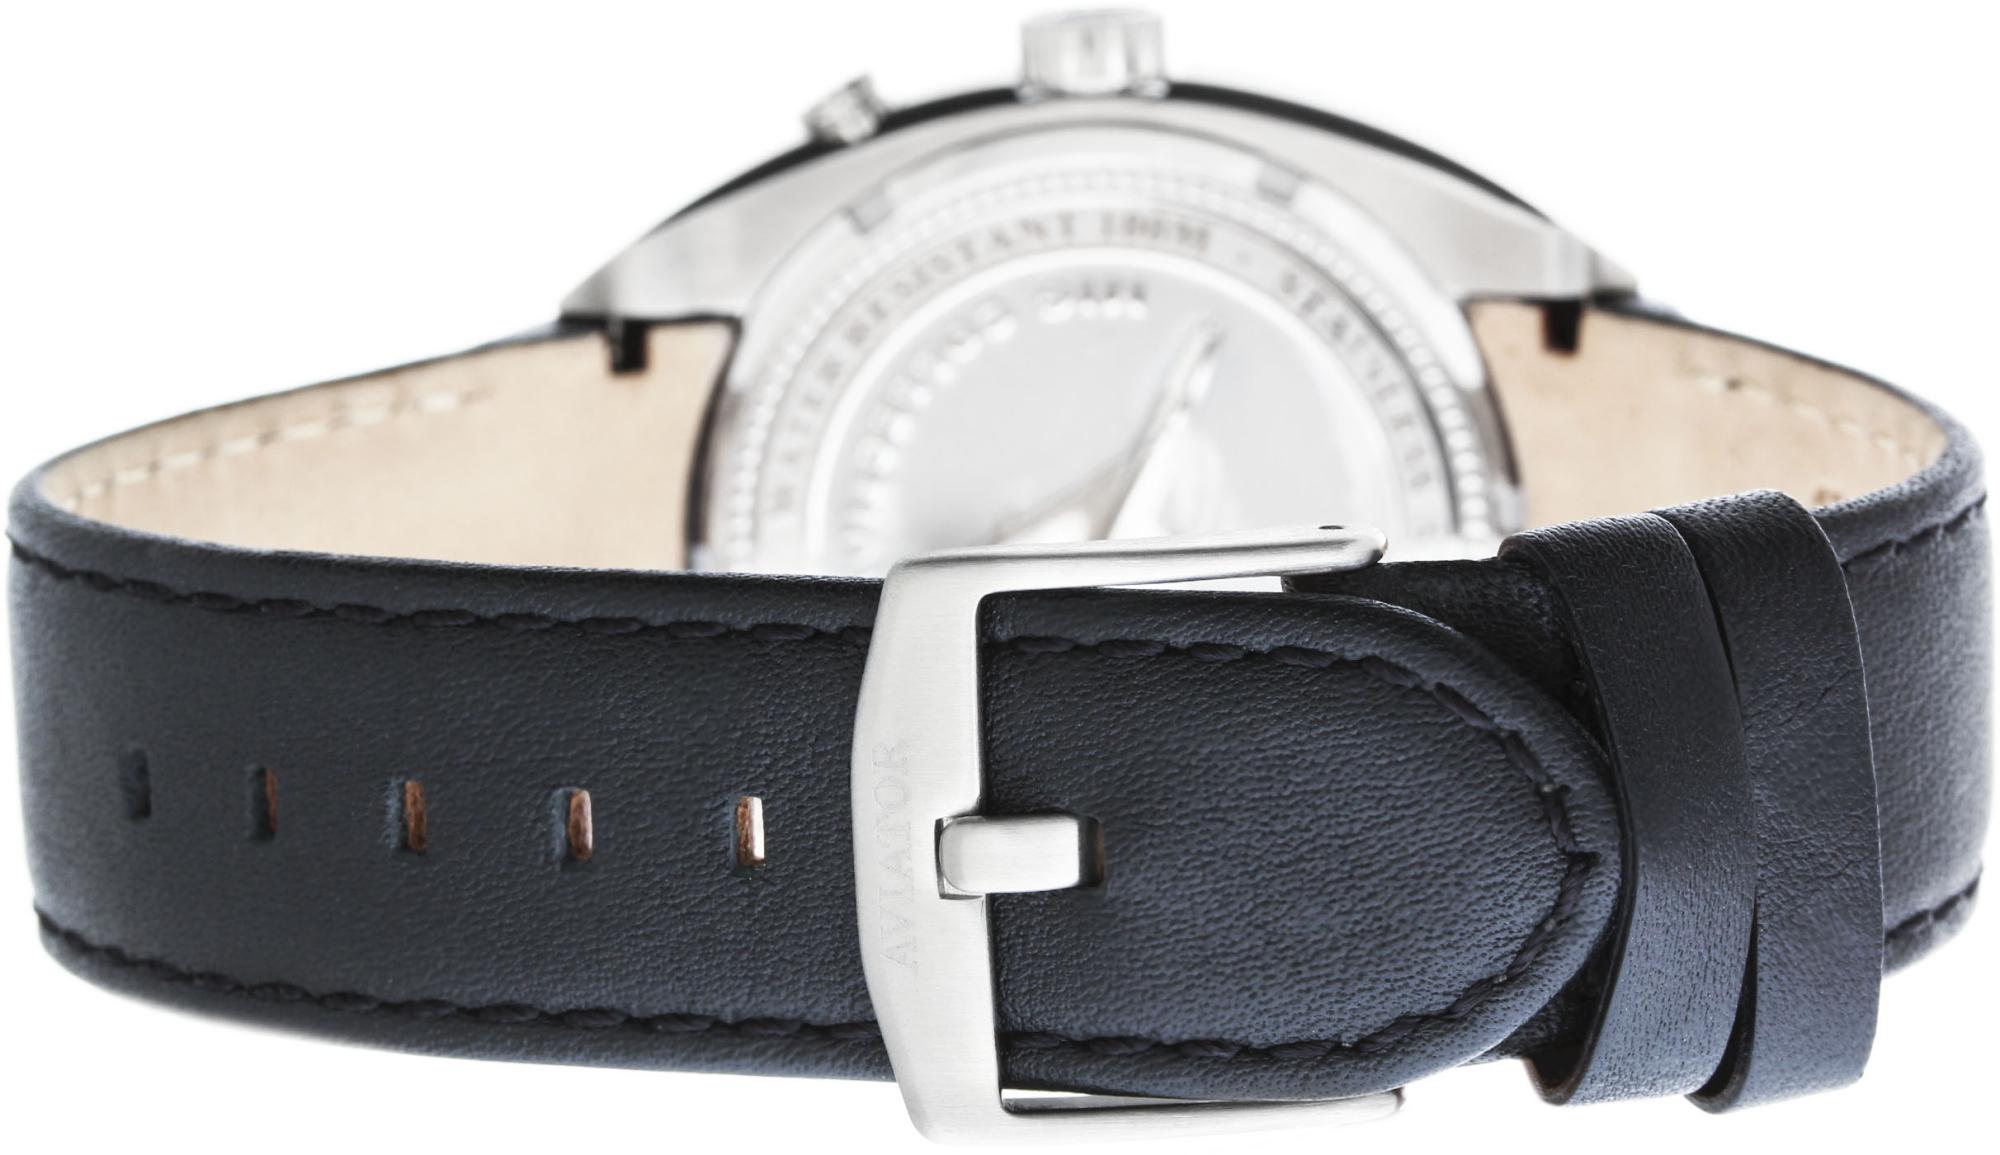 Aviator MIG-21 Fishbed M.1.14.0.086.4Наручные часы<br>Швейцарские часы Aviator MIG-21 Fishbed M.1.14.0.086.4Часы принадежат коллекции MIG-21 Fishbed. Это настоящие Мужские часы. Материал корпуса часов — Сталь. Ремень — Кожа. Циферблат часов защищает Сапфировое стекло. Водозащита - 100 м.<br><br>Пол: Мужские<br>Страна-производитель: Швейцария<br>Механизм: Кварцевый<br>Материал корпуса: Сталь<br>Материал ремня/браслета: Кожа<br>Водозащита, диапазон: 100 - 150 м<br>Стекло: Сапфировое<br>Толщина корпуса: None<br>Стиль: None